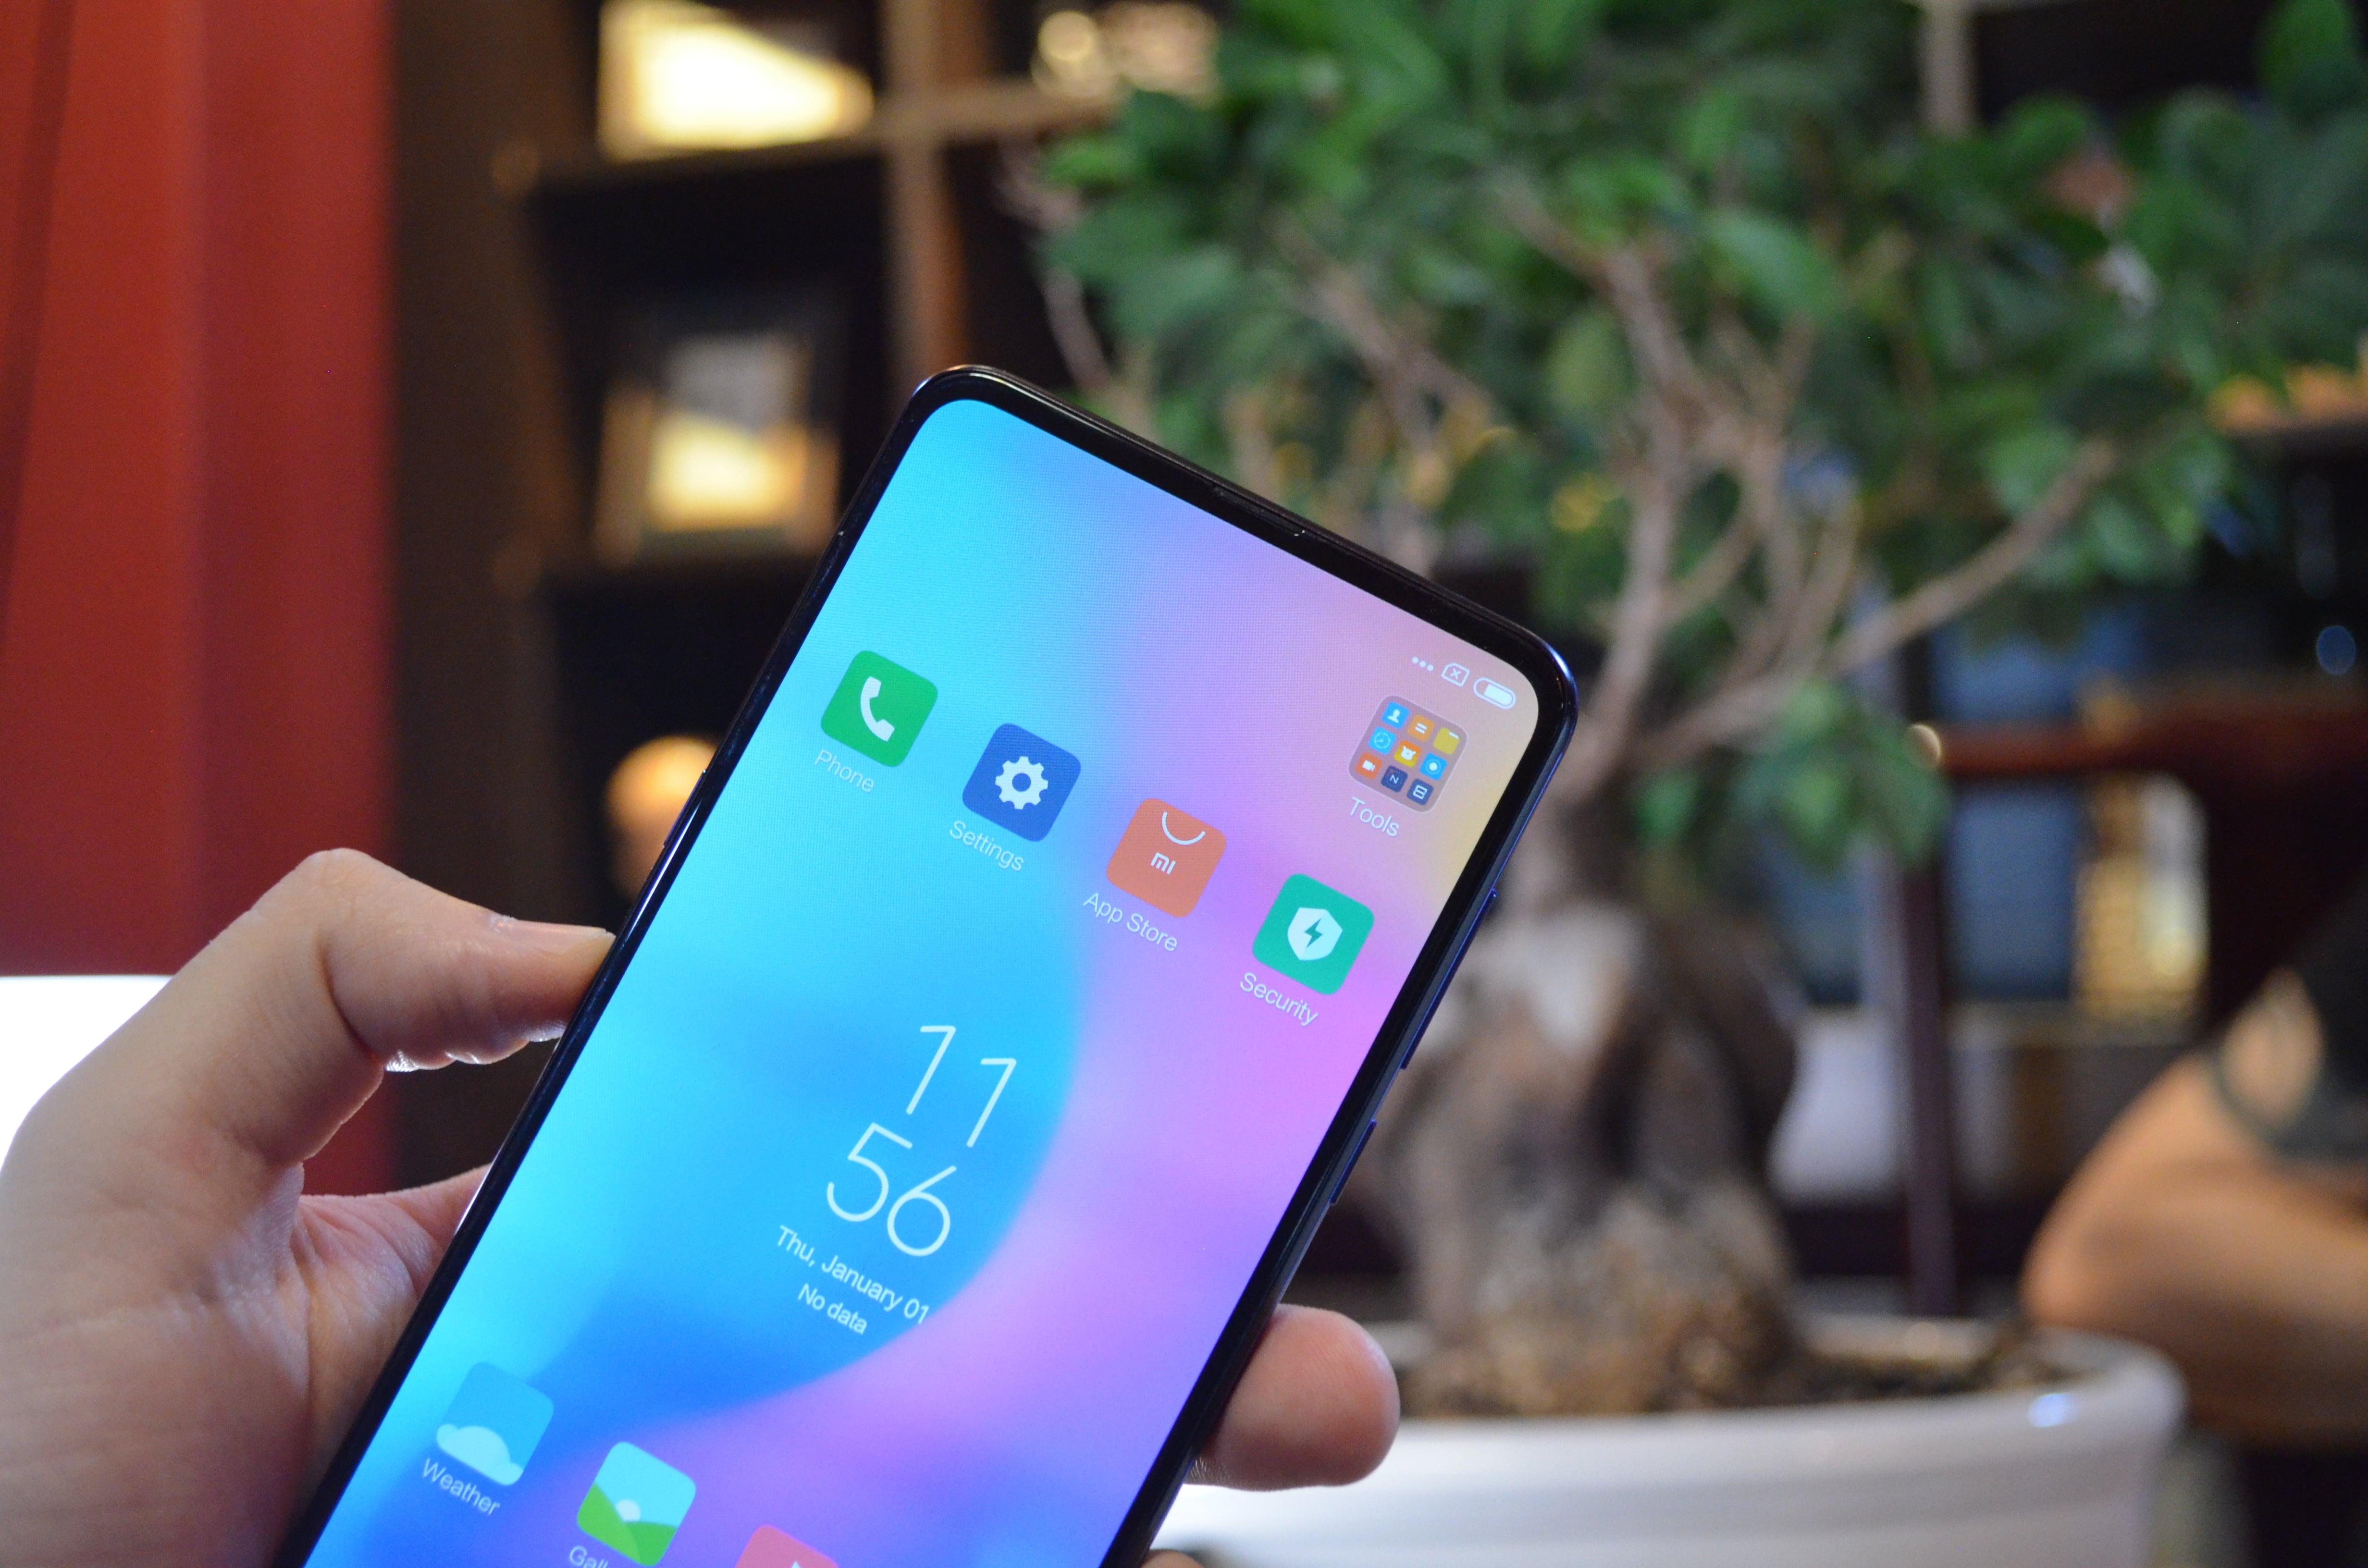 Xiaomi Mi Mix 4 w drodze - producent publikuje grafikę, która sugeruje takie plany 24